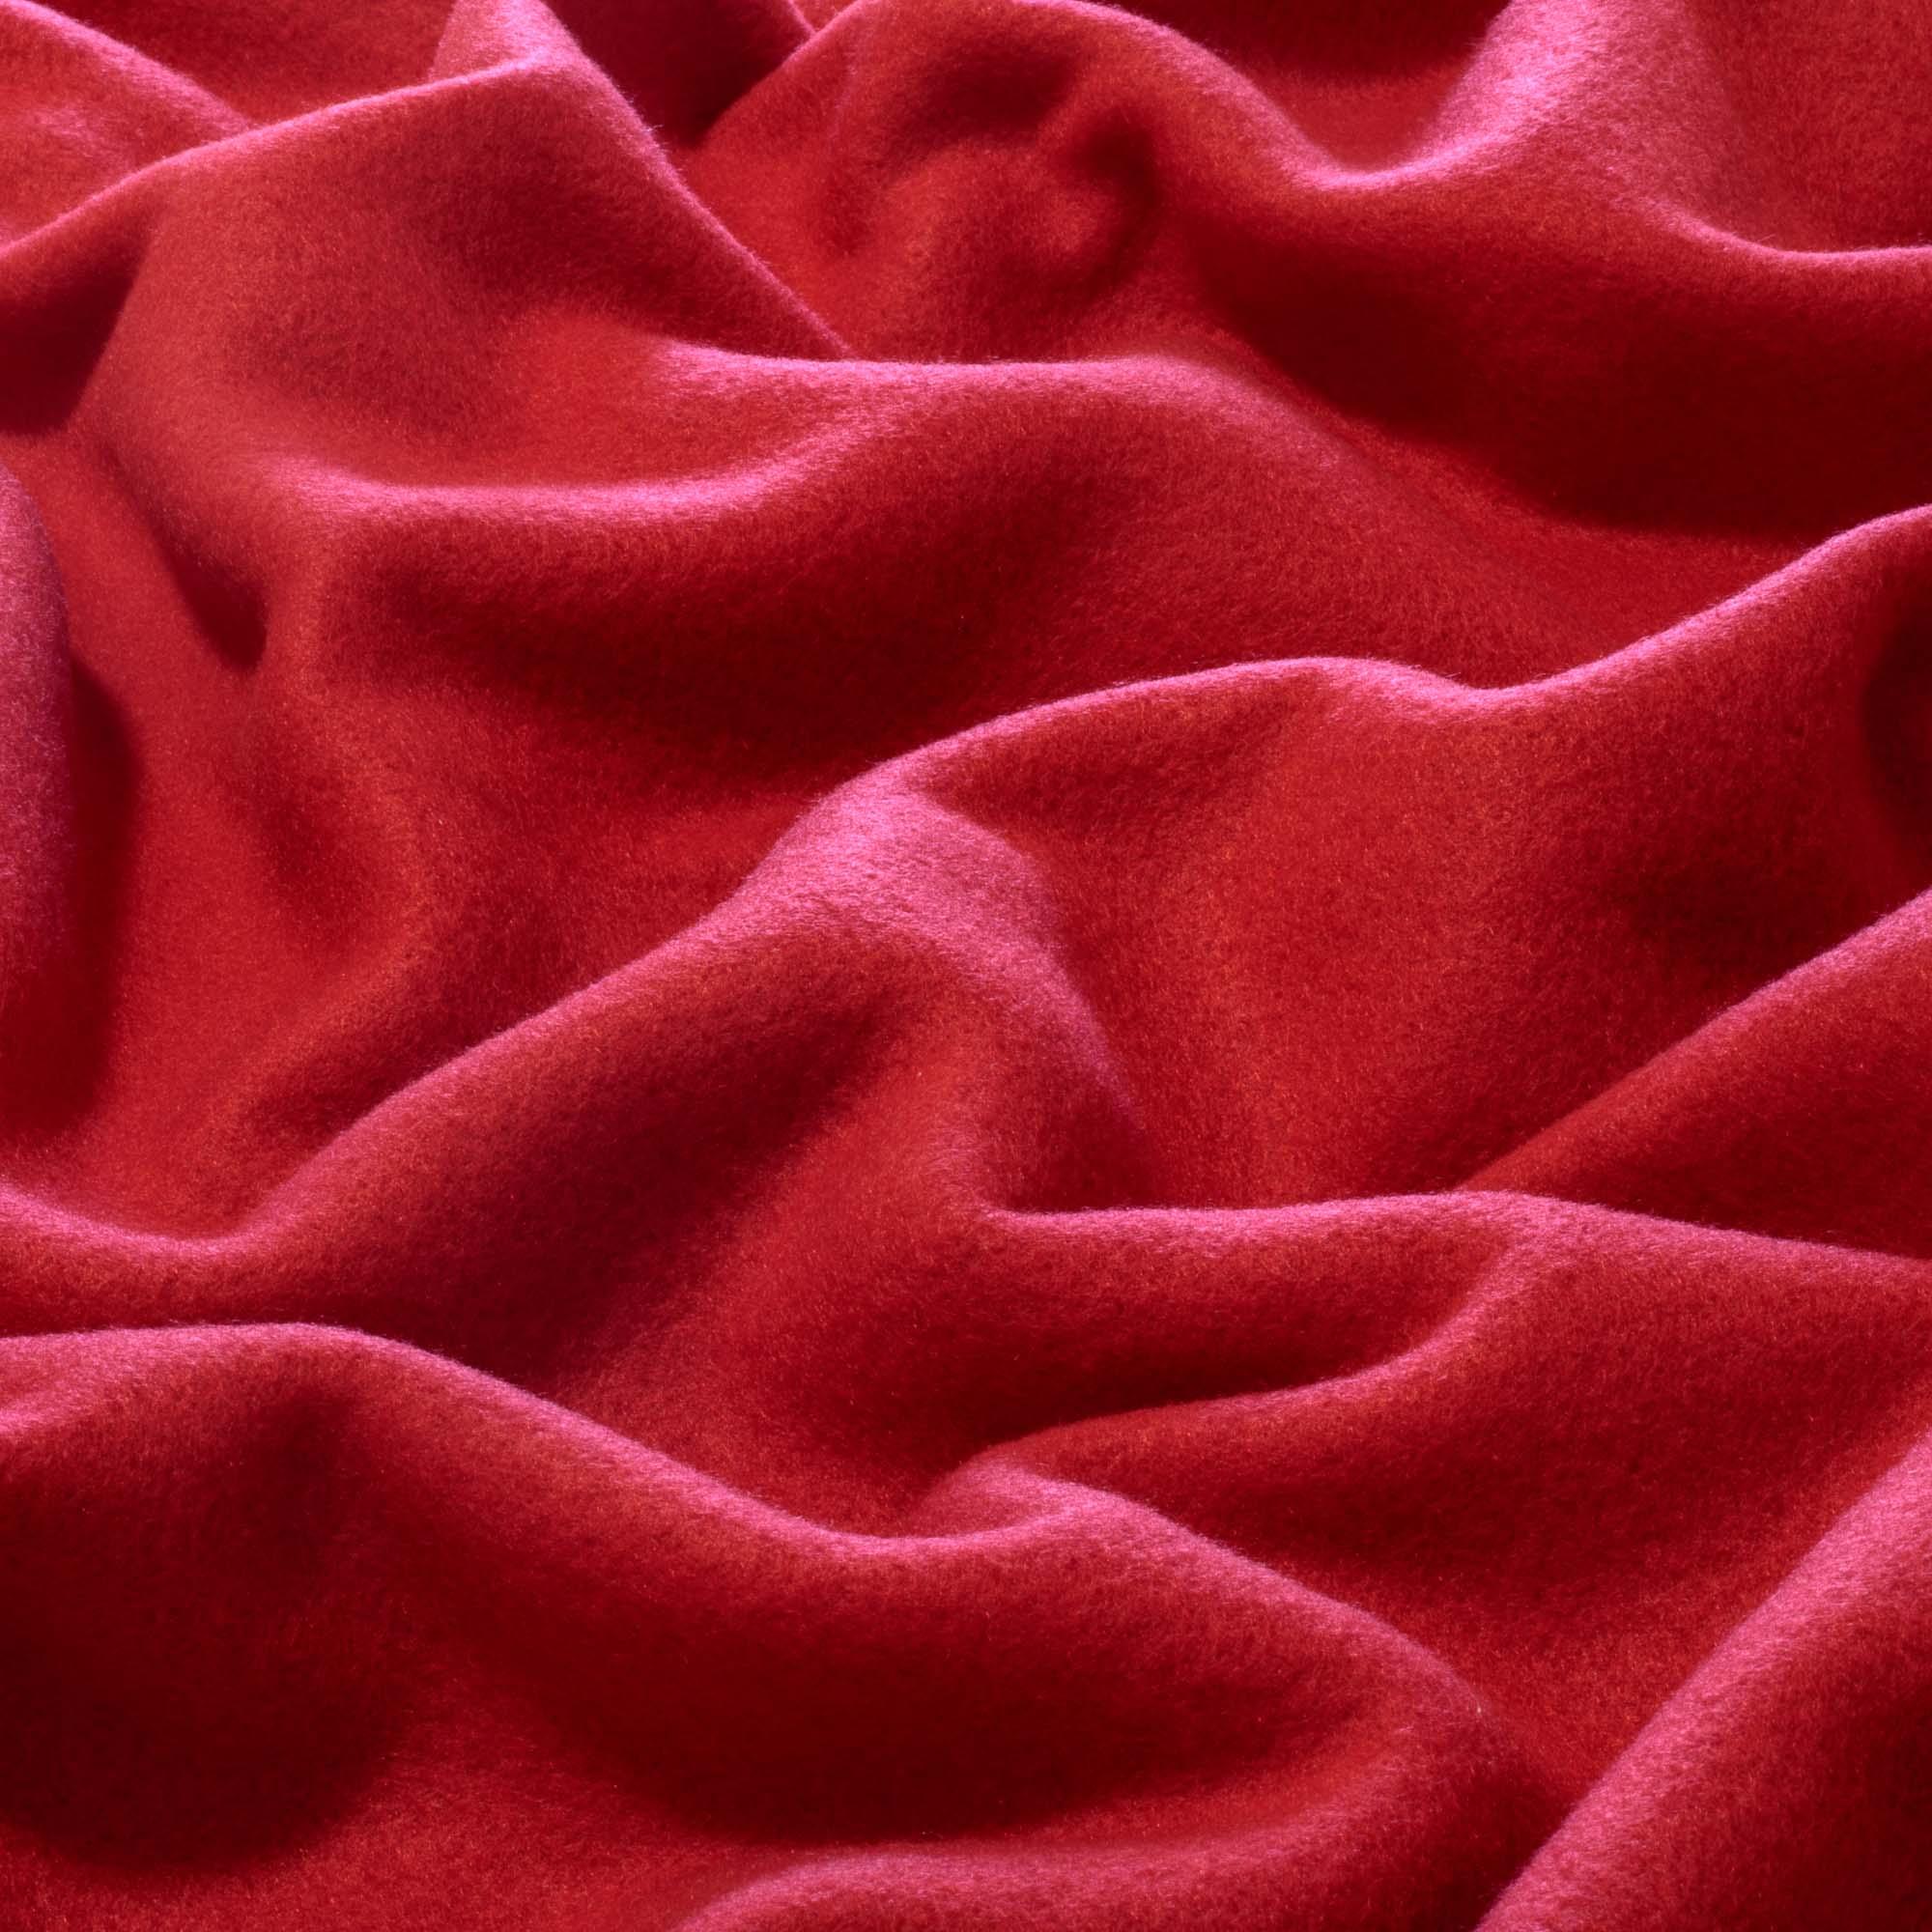 Tecido Malha Soft Vermelha 100% Poliester 1,60 m Largura